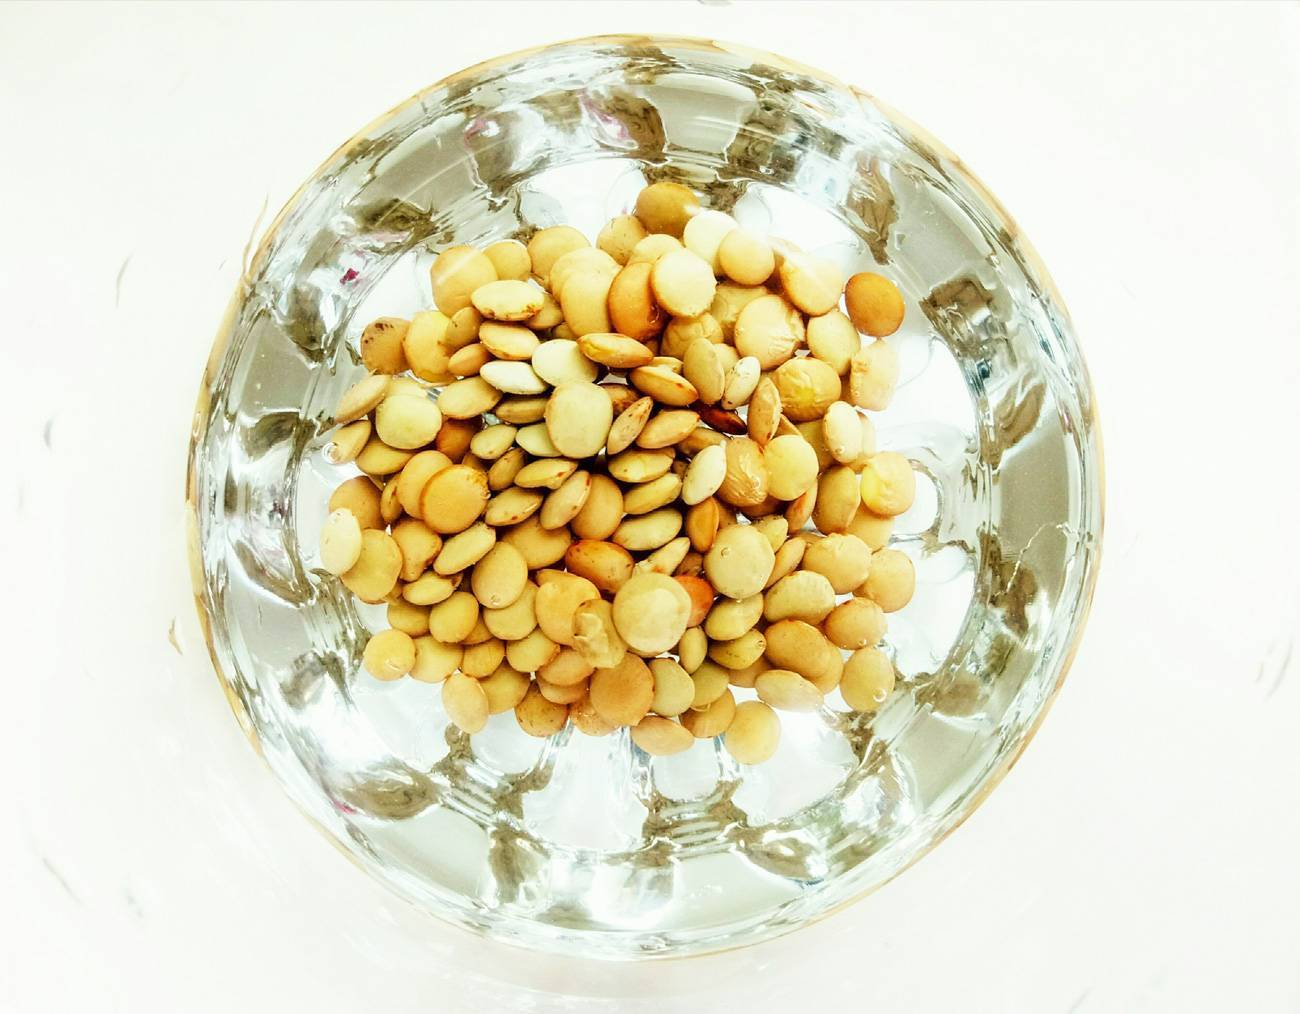 Оранжевая чечевица прорастить в сыром виде. как и какую чечевицу можно проращивать дома для еды. как проращивать бобовые